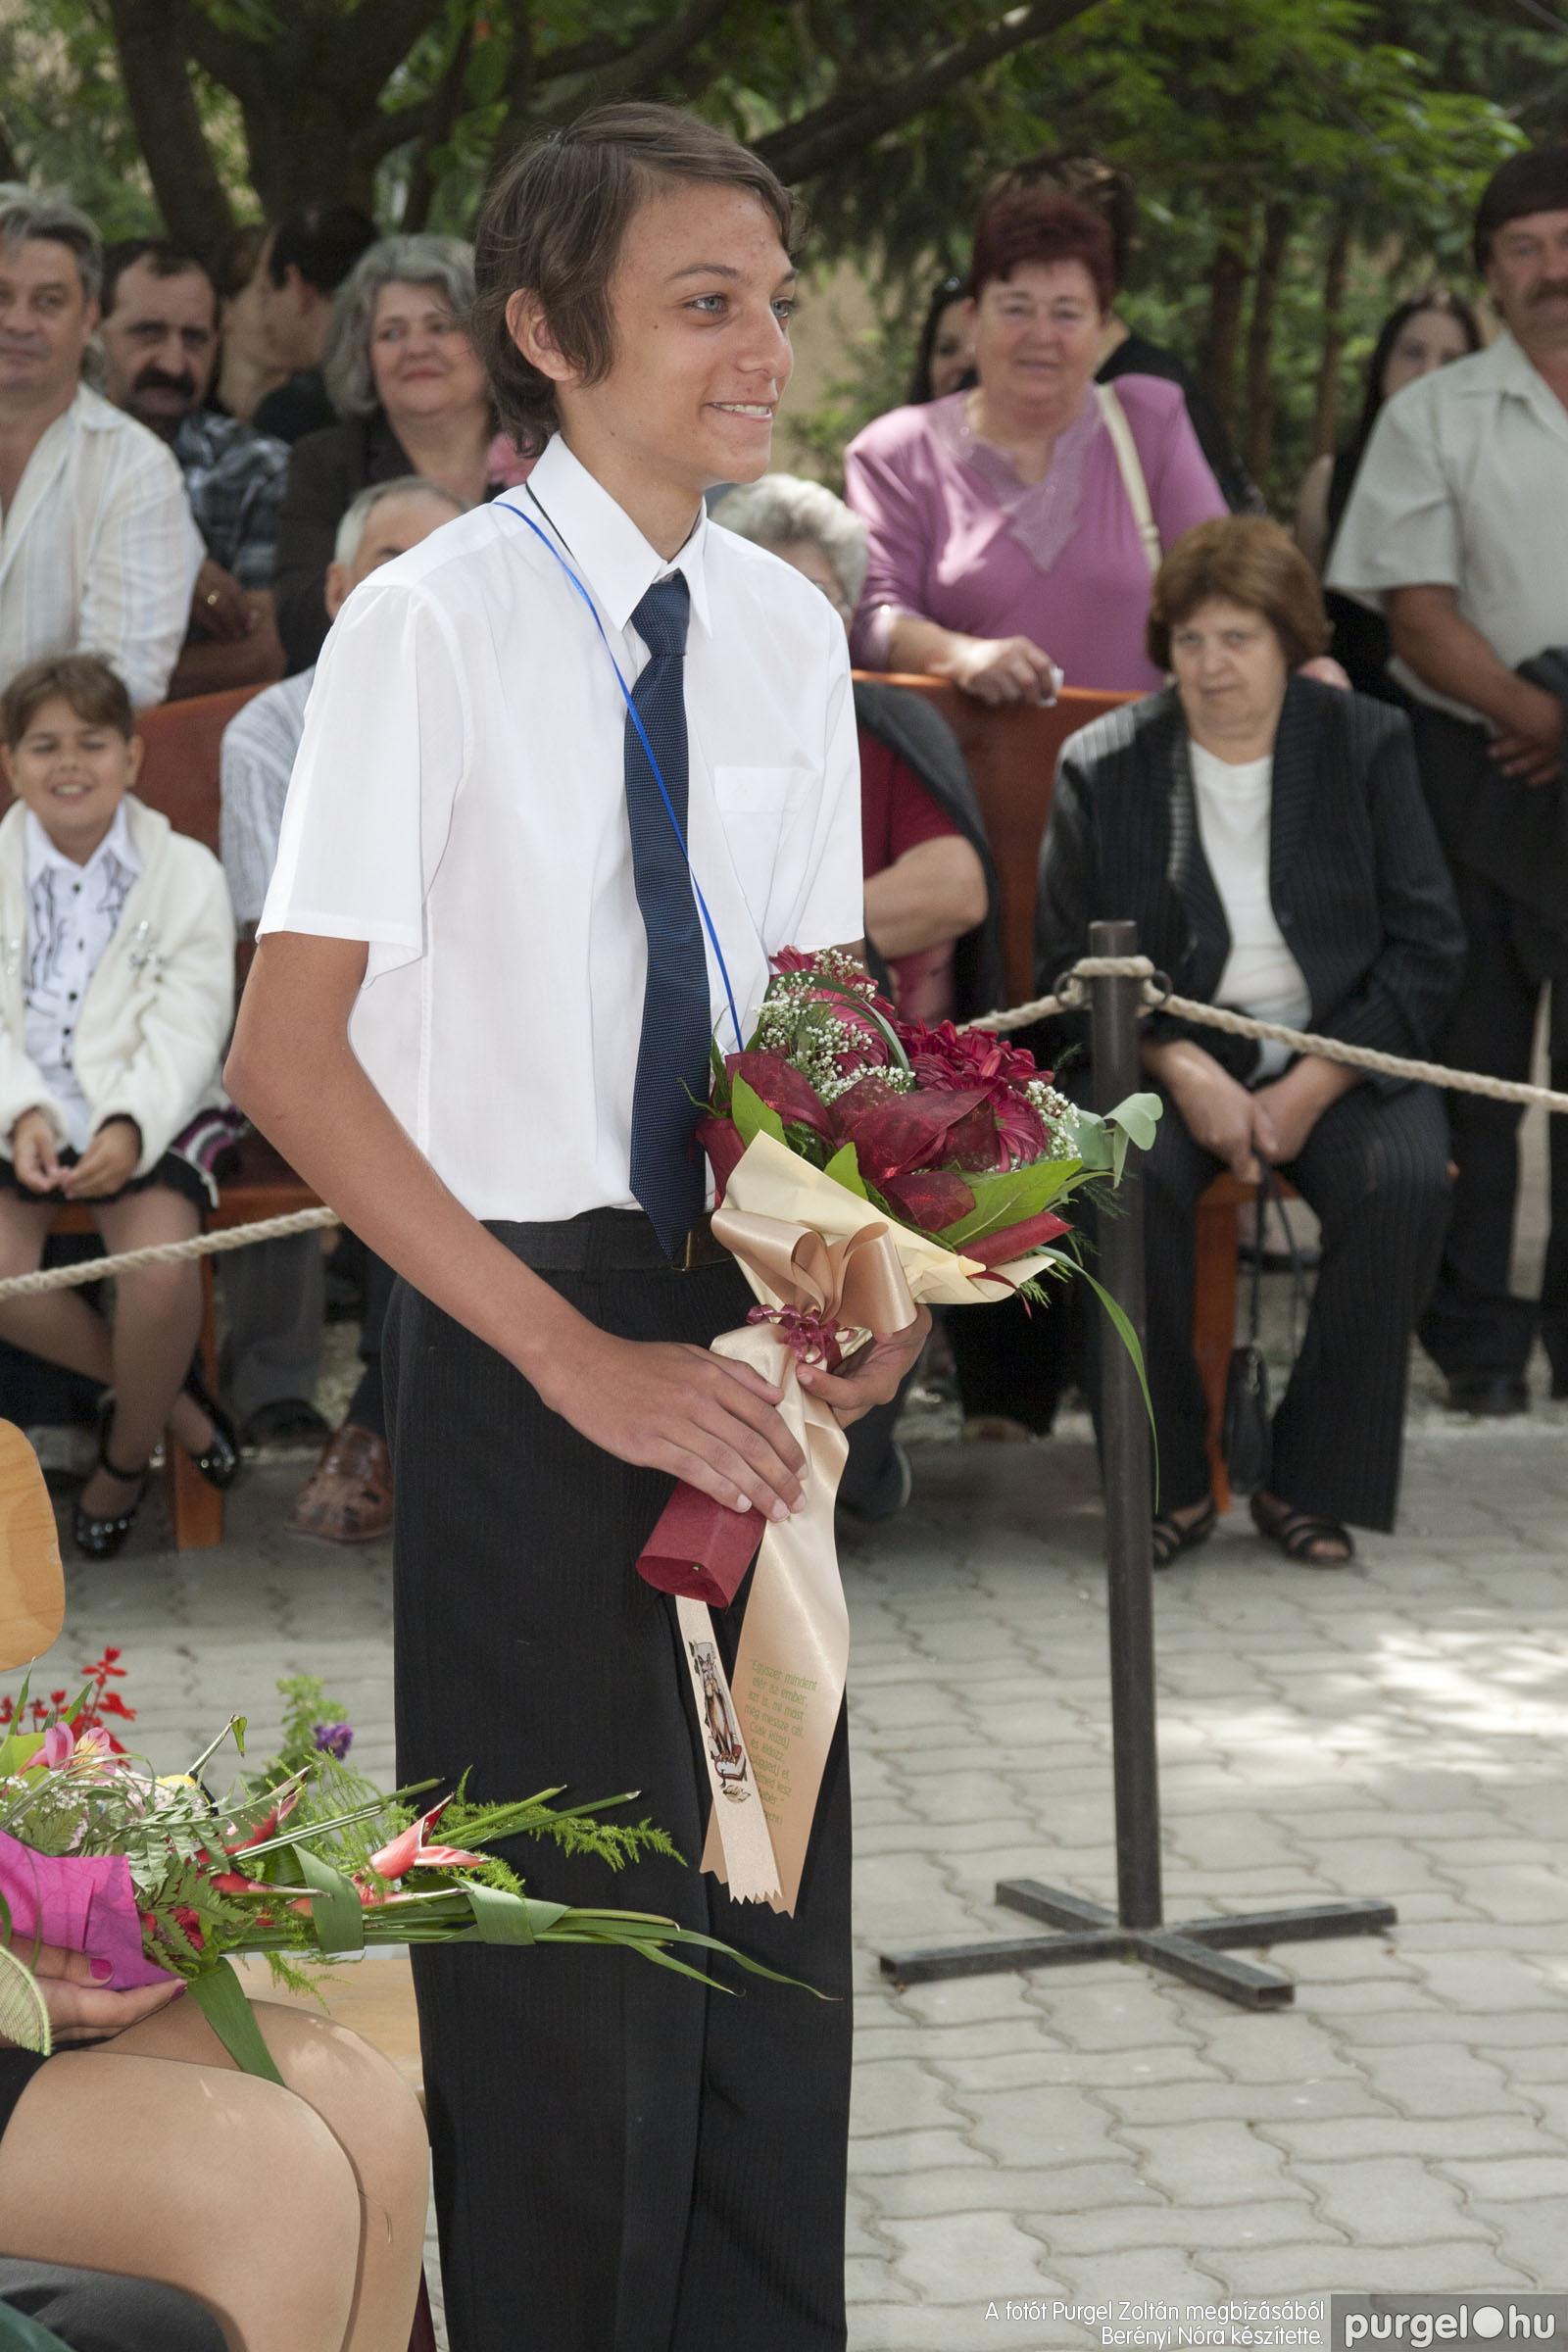 2014.06.14. 230 Forray Máté Általános Iskola ballagás 2014. - Fotó:BERÉNYI NÓRA© _MG_5883.jpg